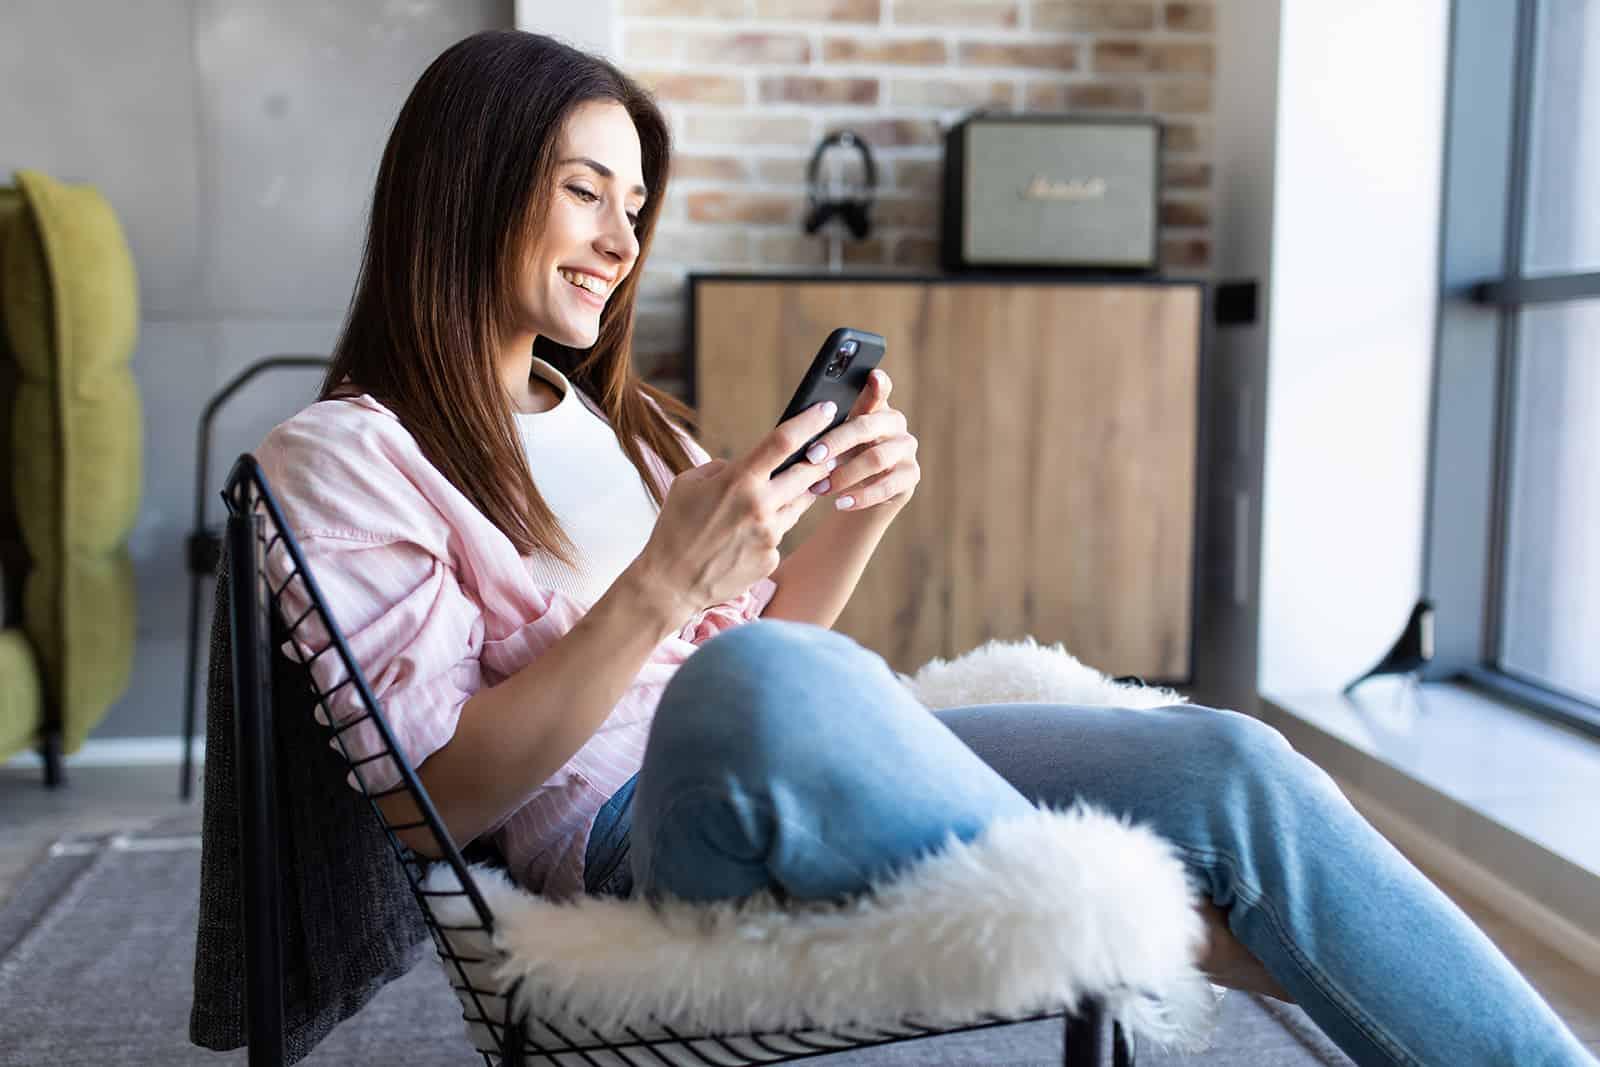 une femme souriante avec téléphone portable assis sur une chaise à la maison